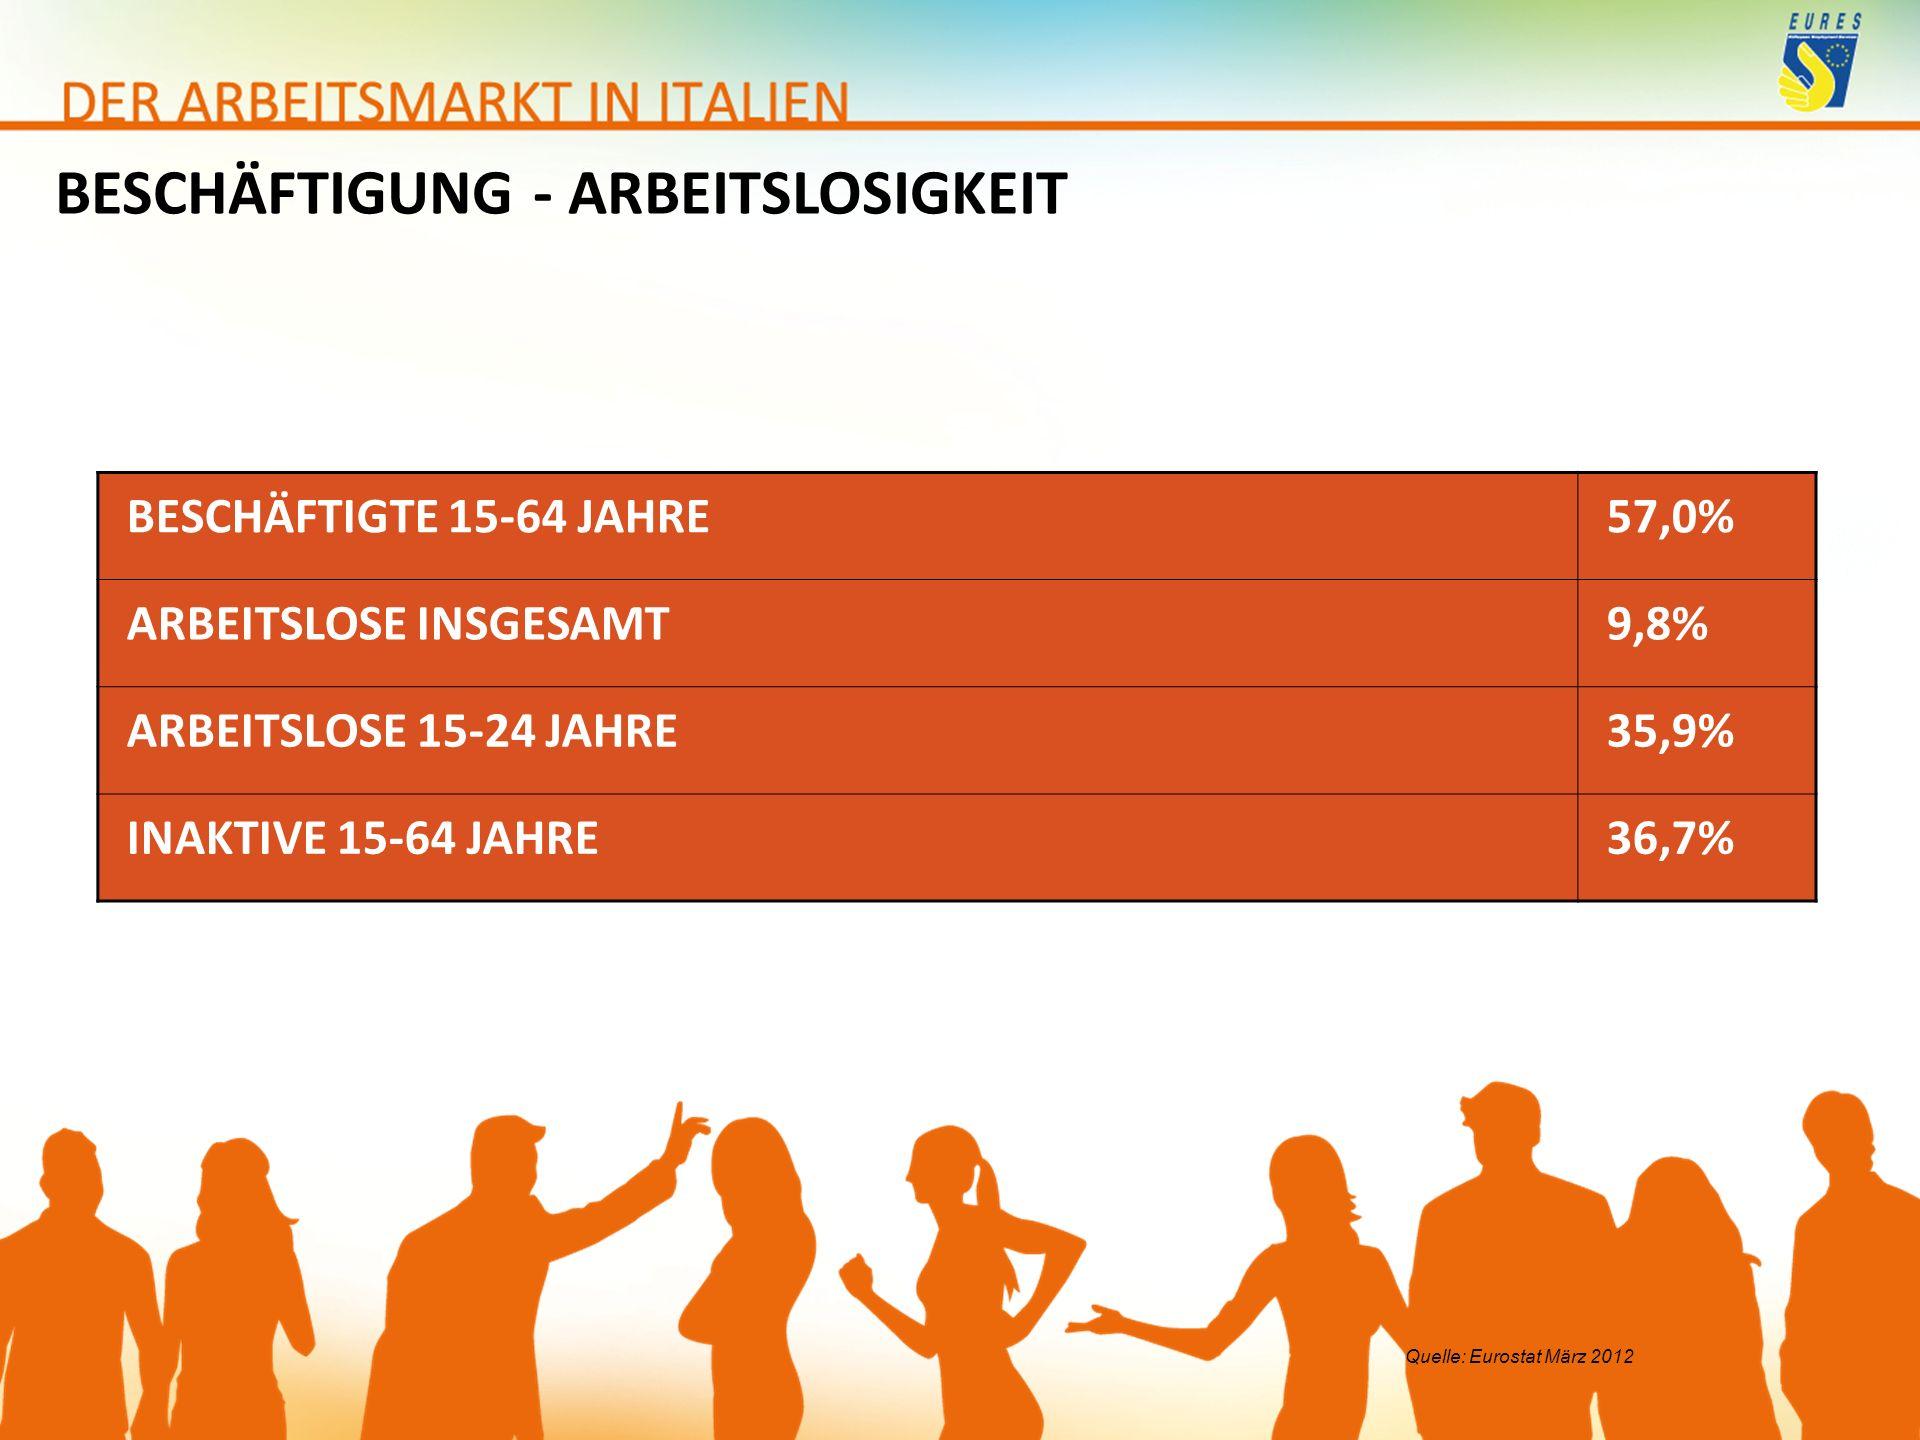 BESCHÄFTIGTE 15-64 JAHRE57,0% ARBEITSLOSE INSGESAMT9,8% ARBEITSLOSE 15-24 JAHRE35,9% INAKTIVE 15-64 JAHRE36,7% BESCHÄFTIGUNG - ARBEITSLOSIGKEIT Quelle